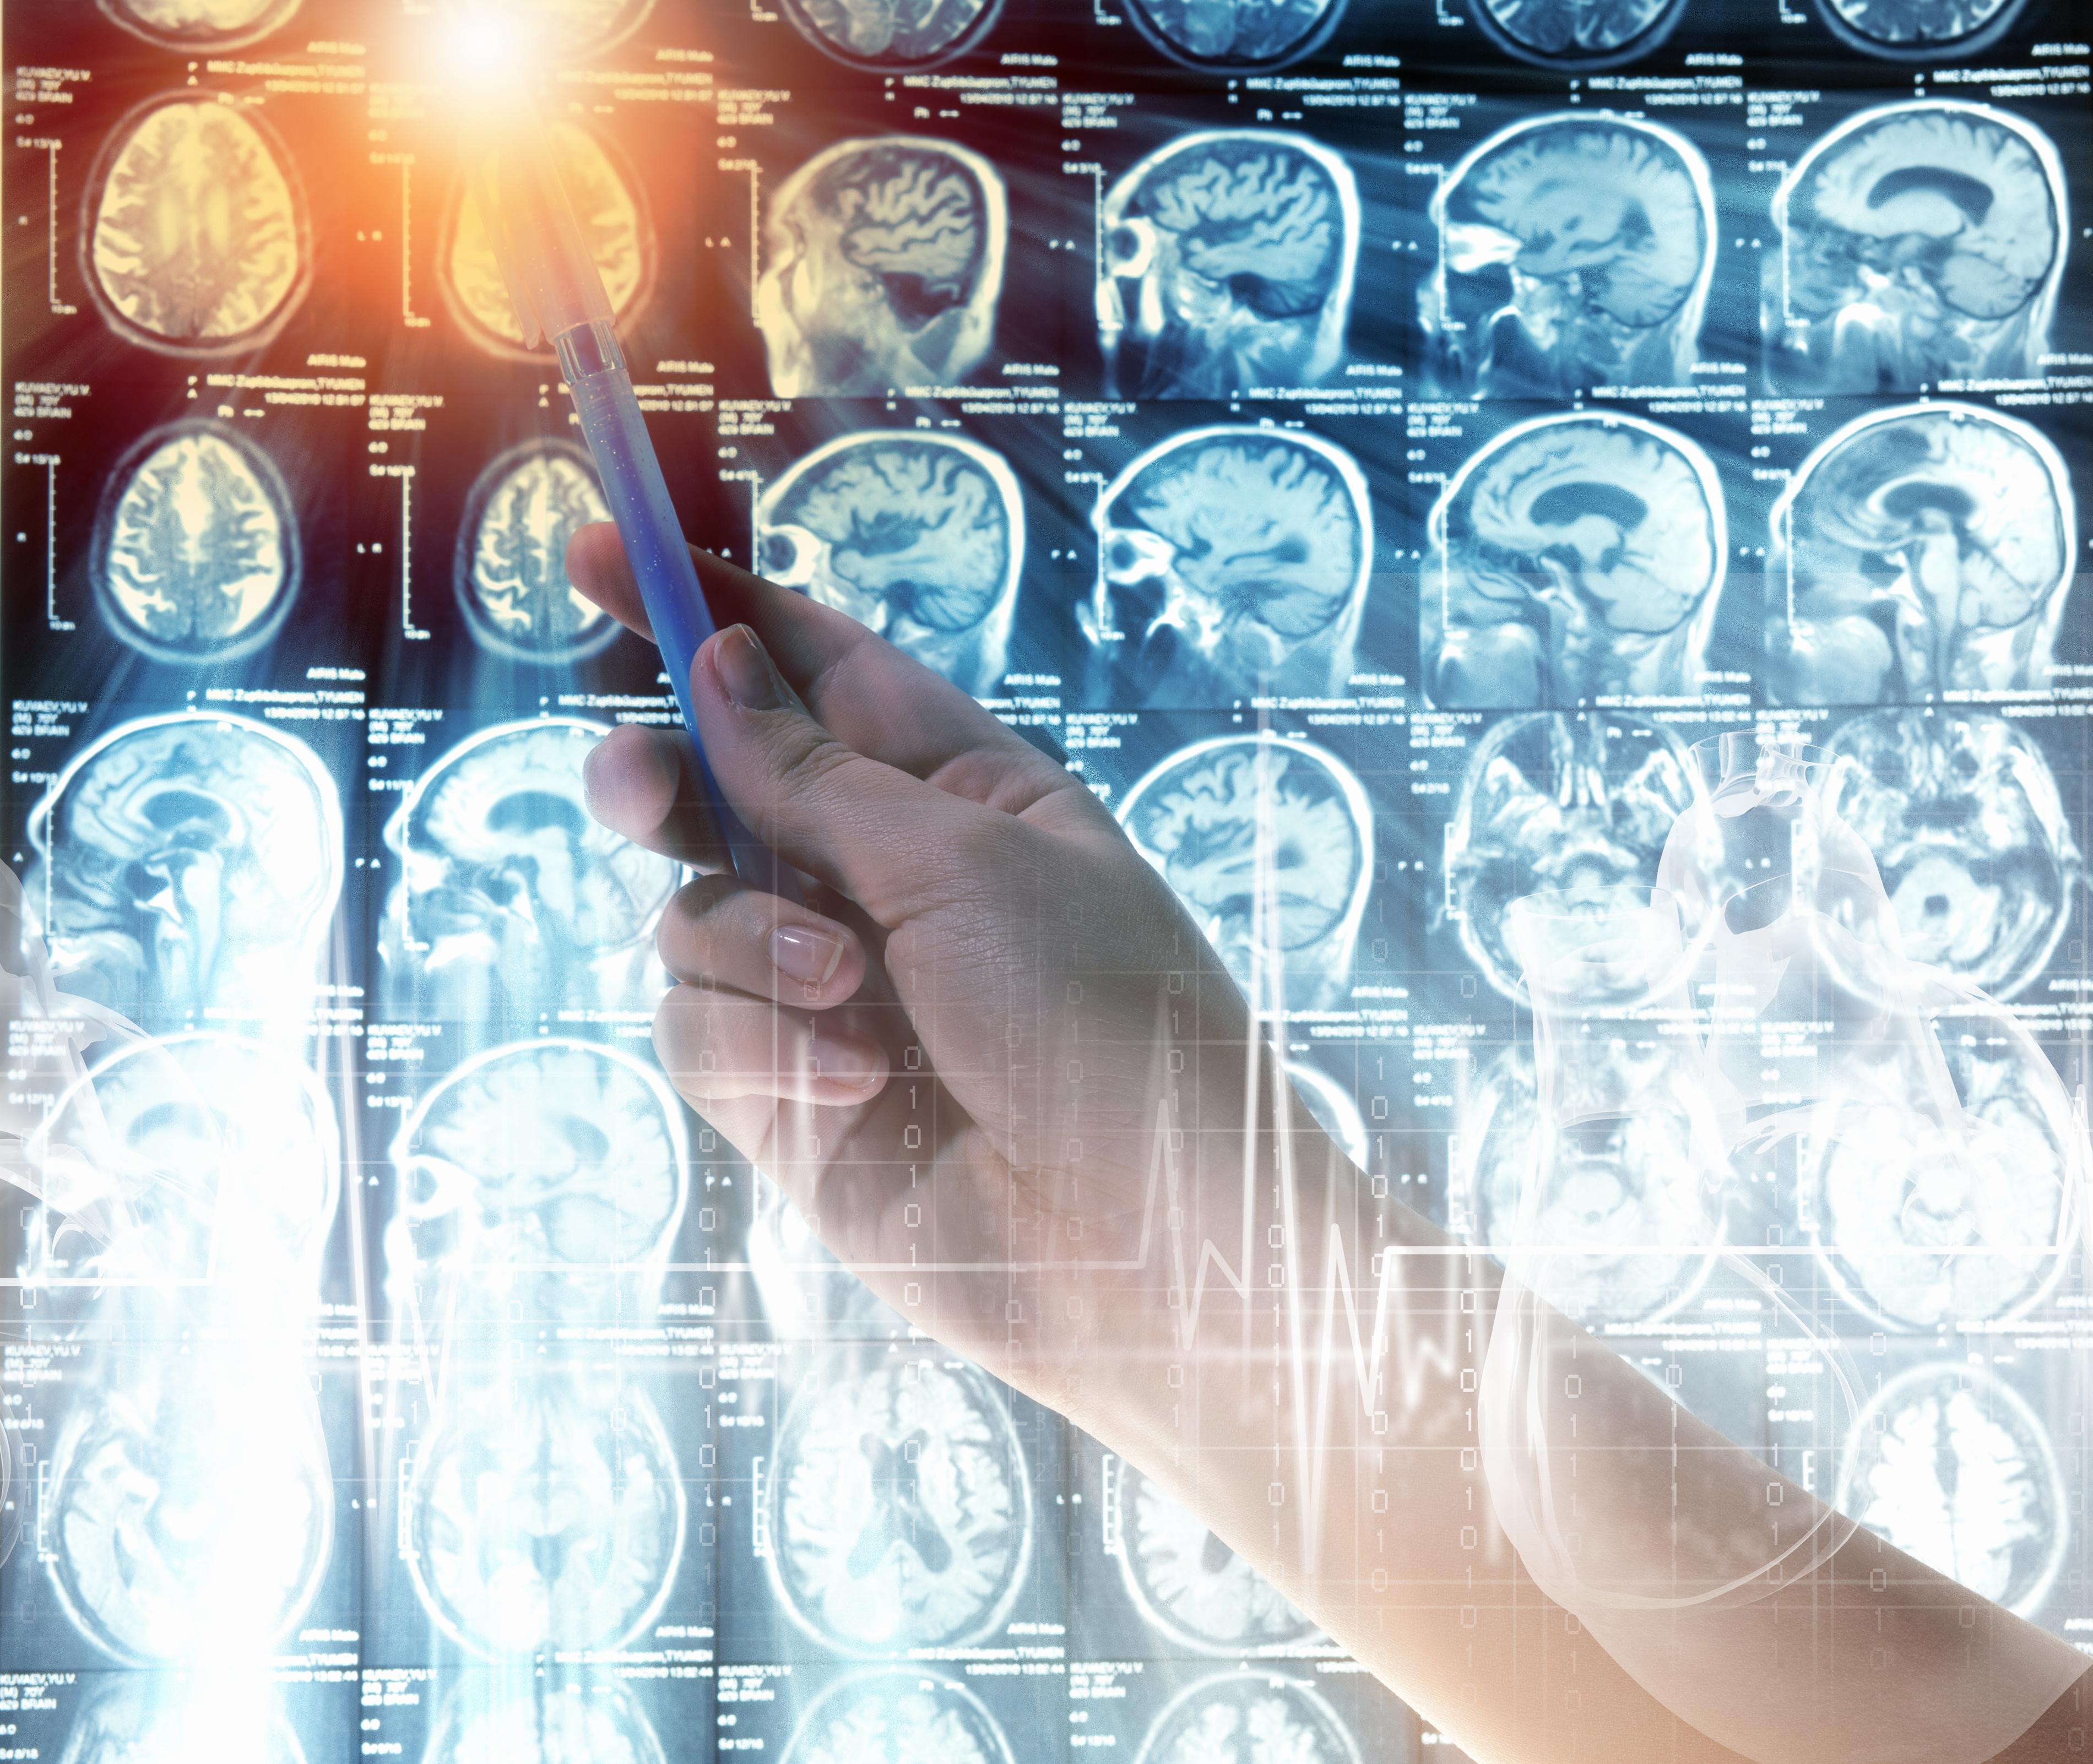 Компьютерный анализ обнаружил связанные с аутизмом и раком мутации